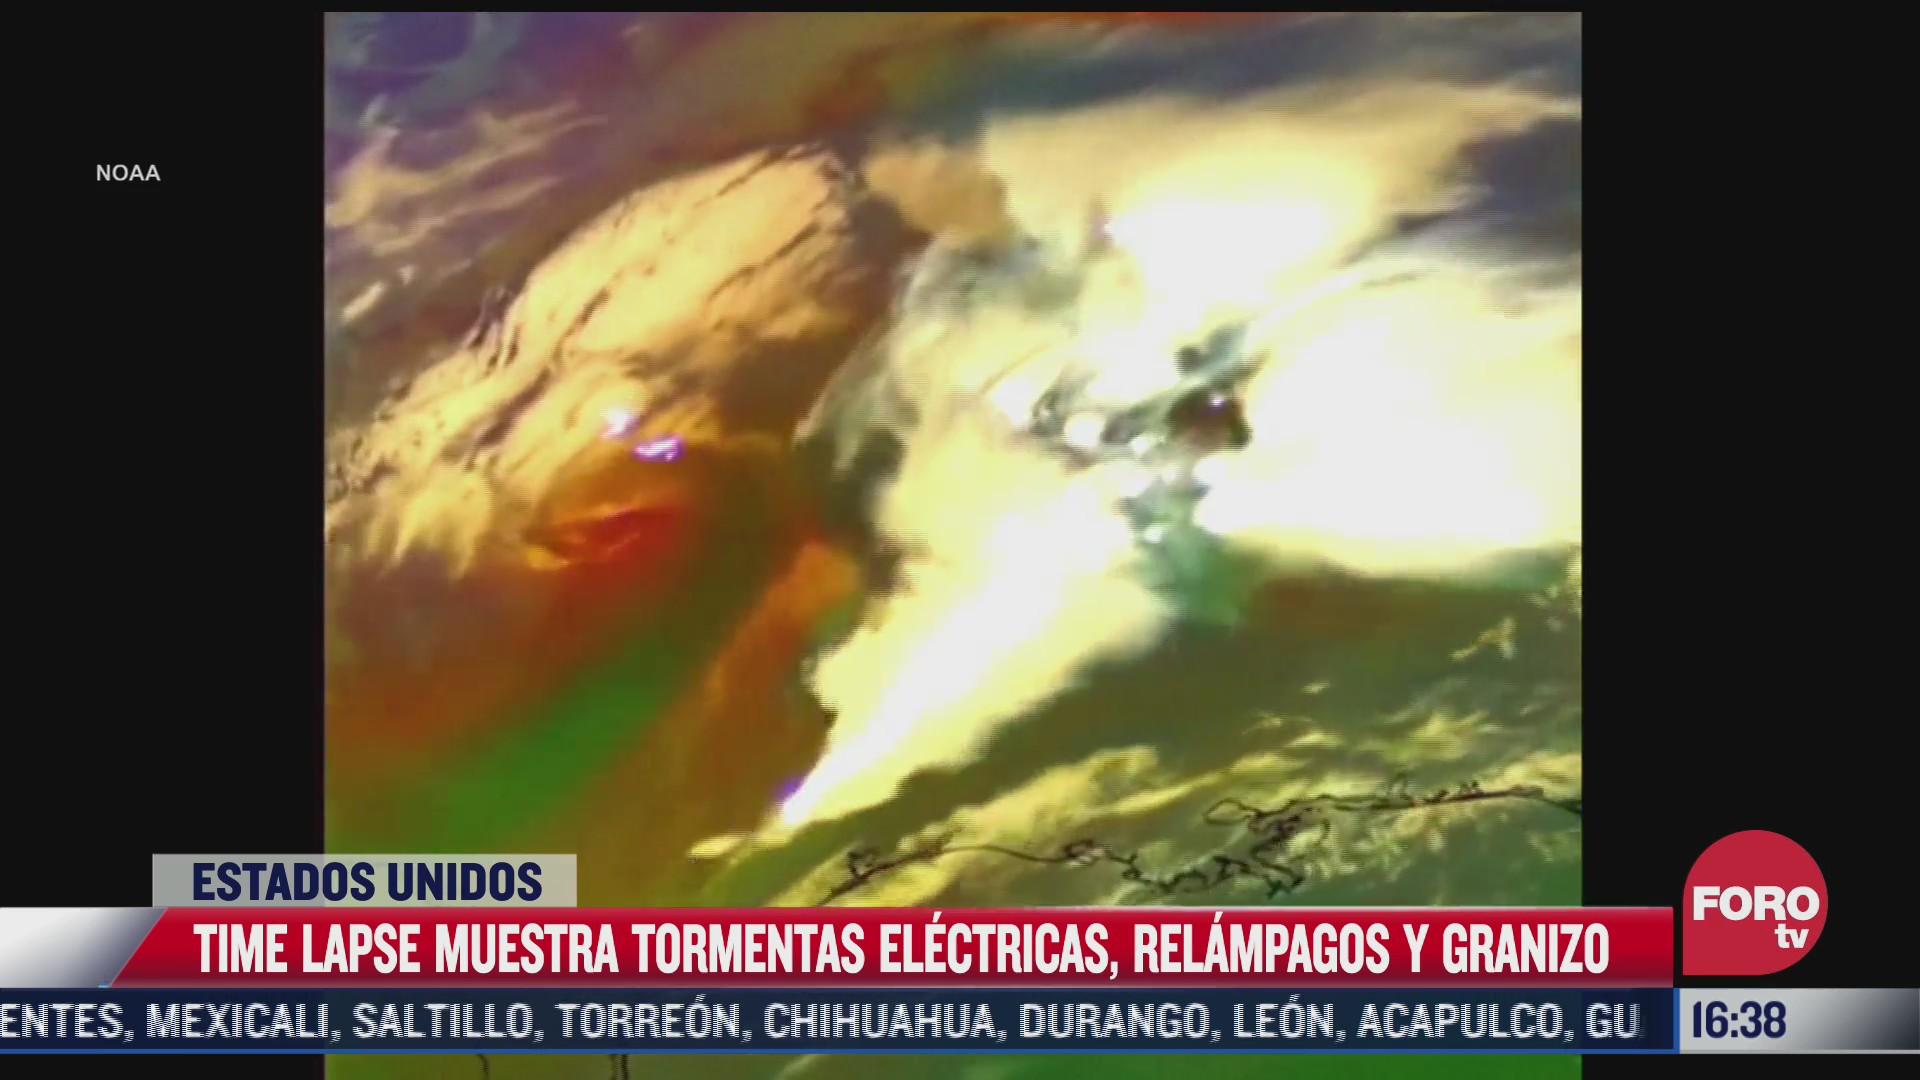 time lapse muestra tormentas electricas y relampagos en eeuu